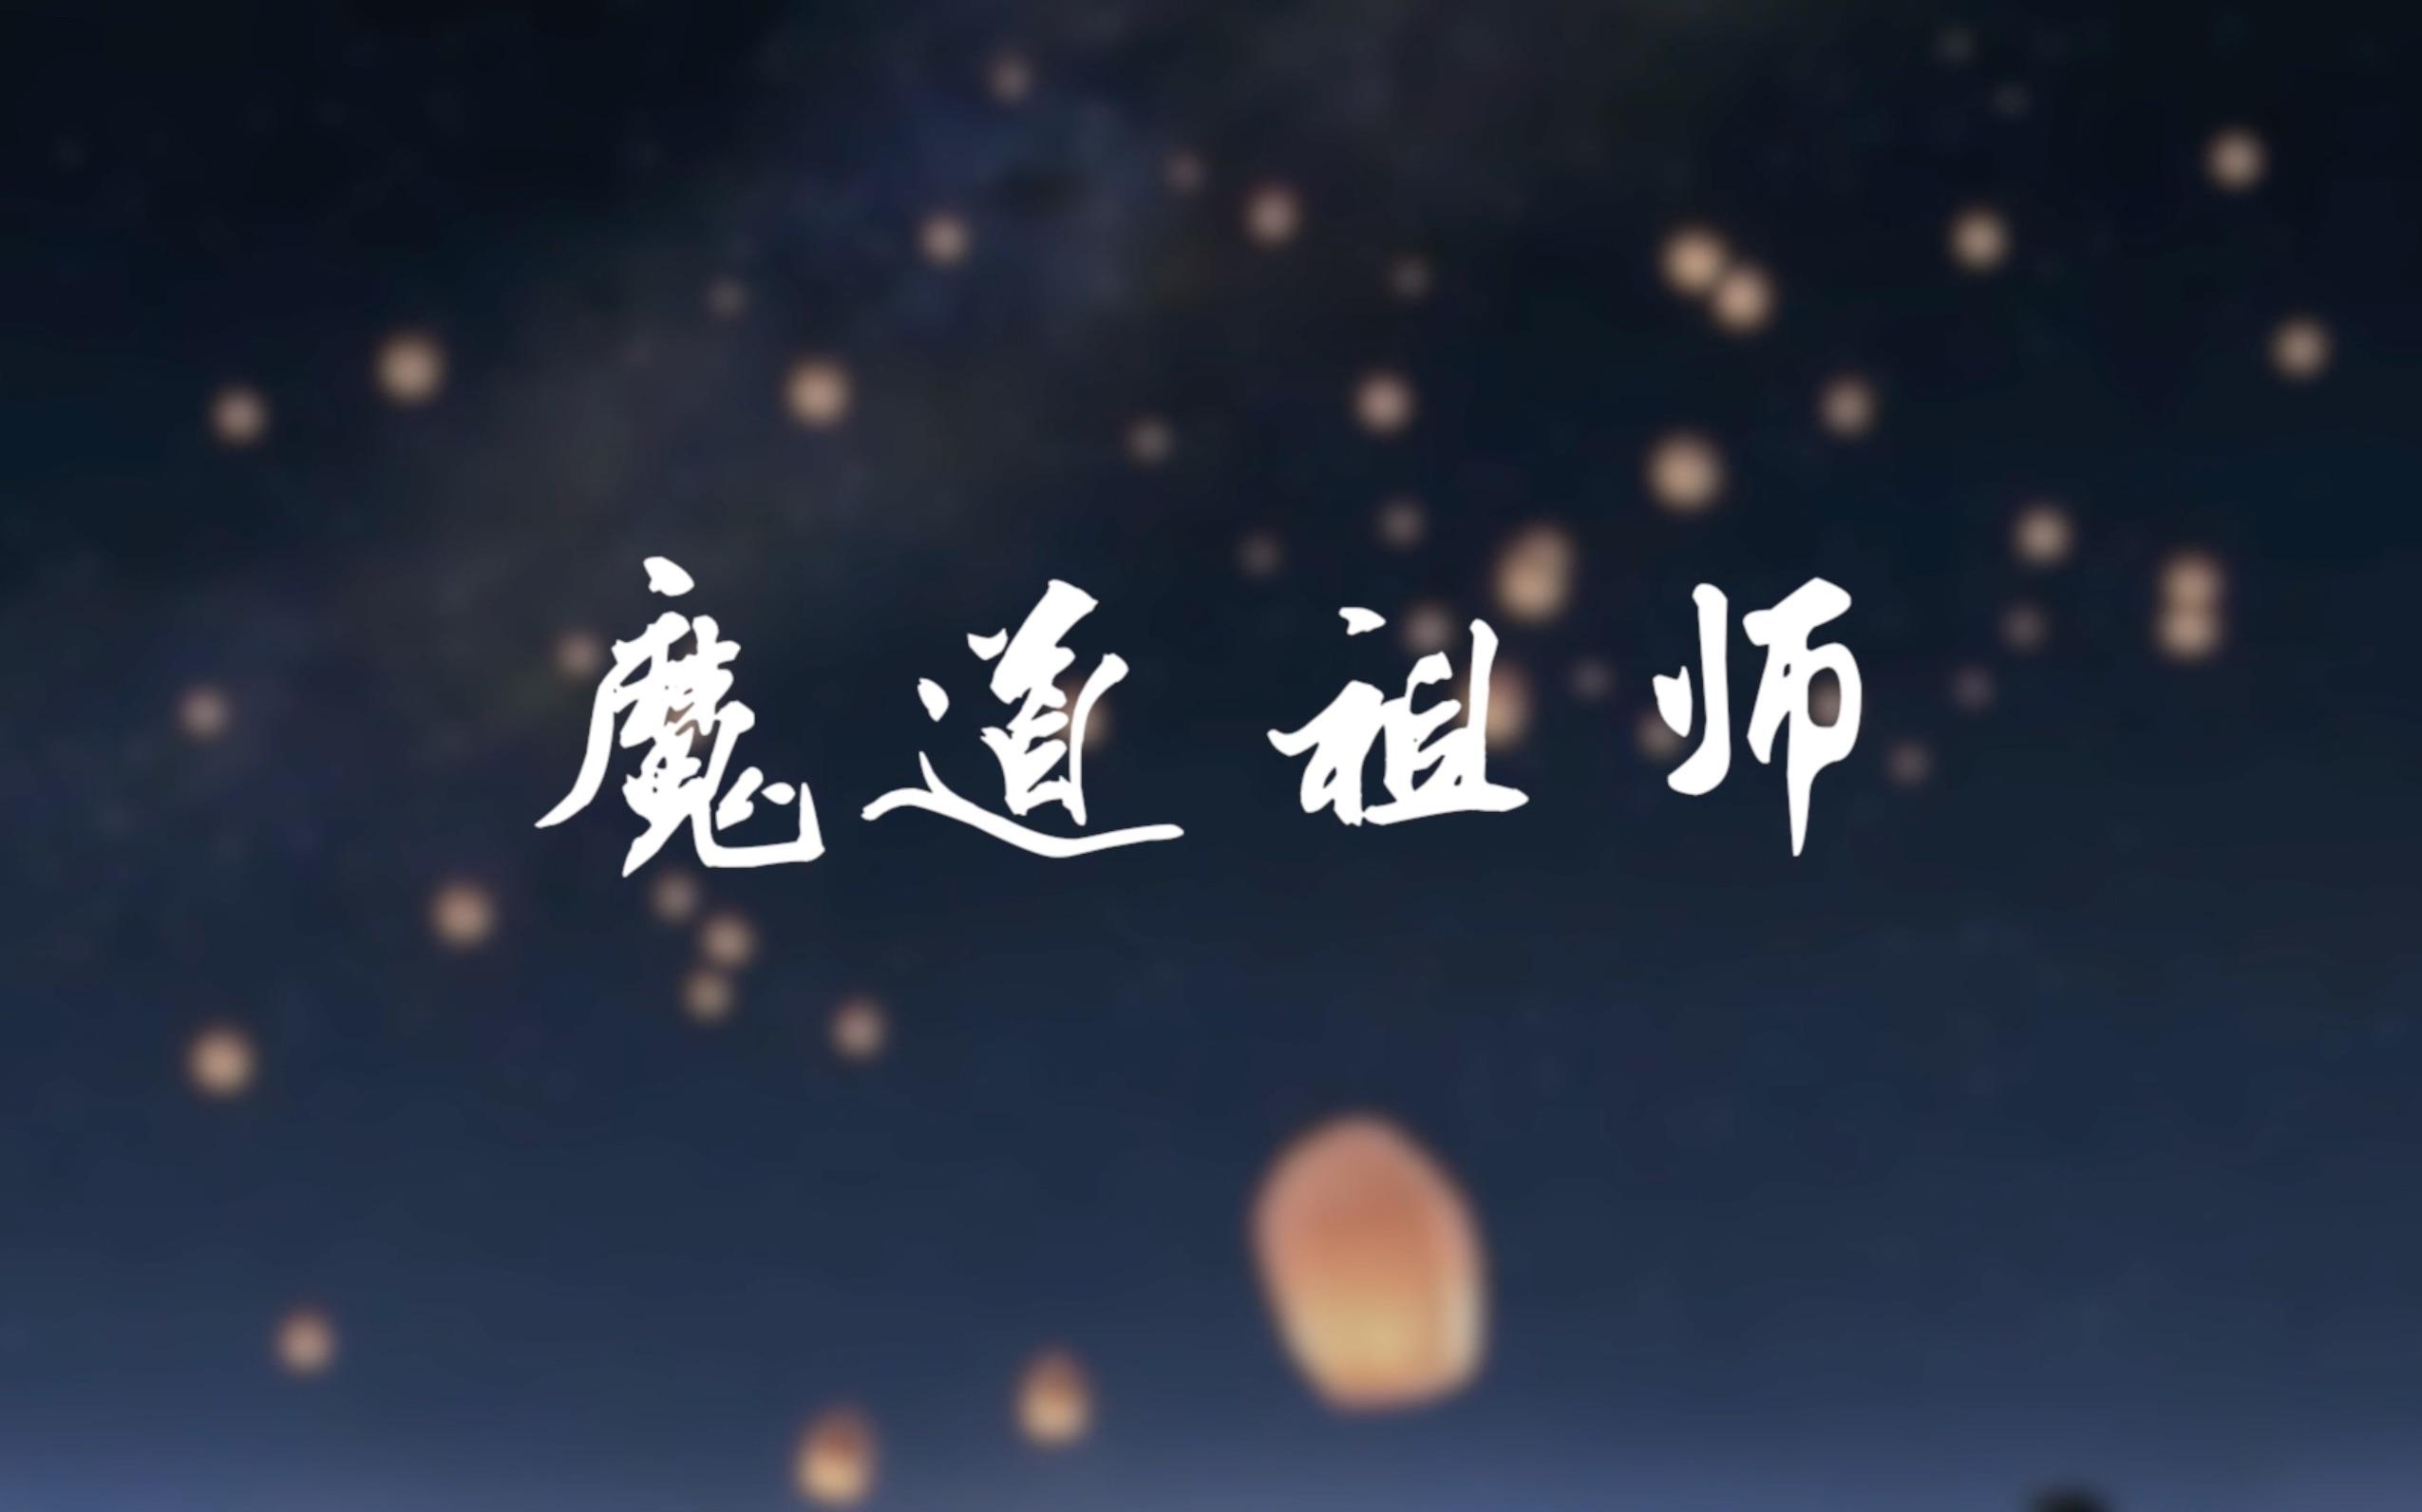 【魔道祖师】同道殊途群像版(附方言群像版图片